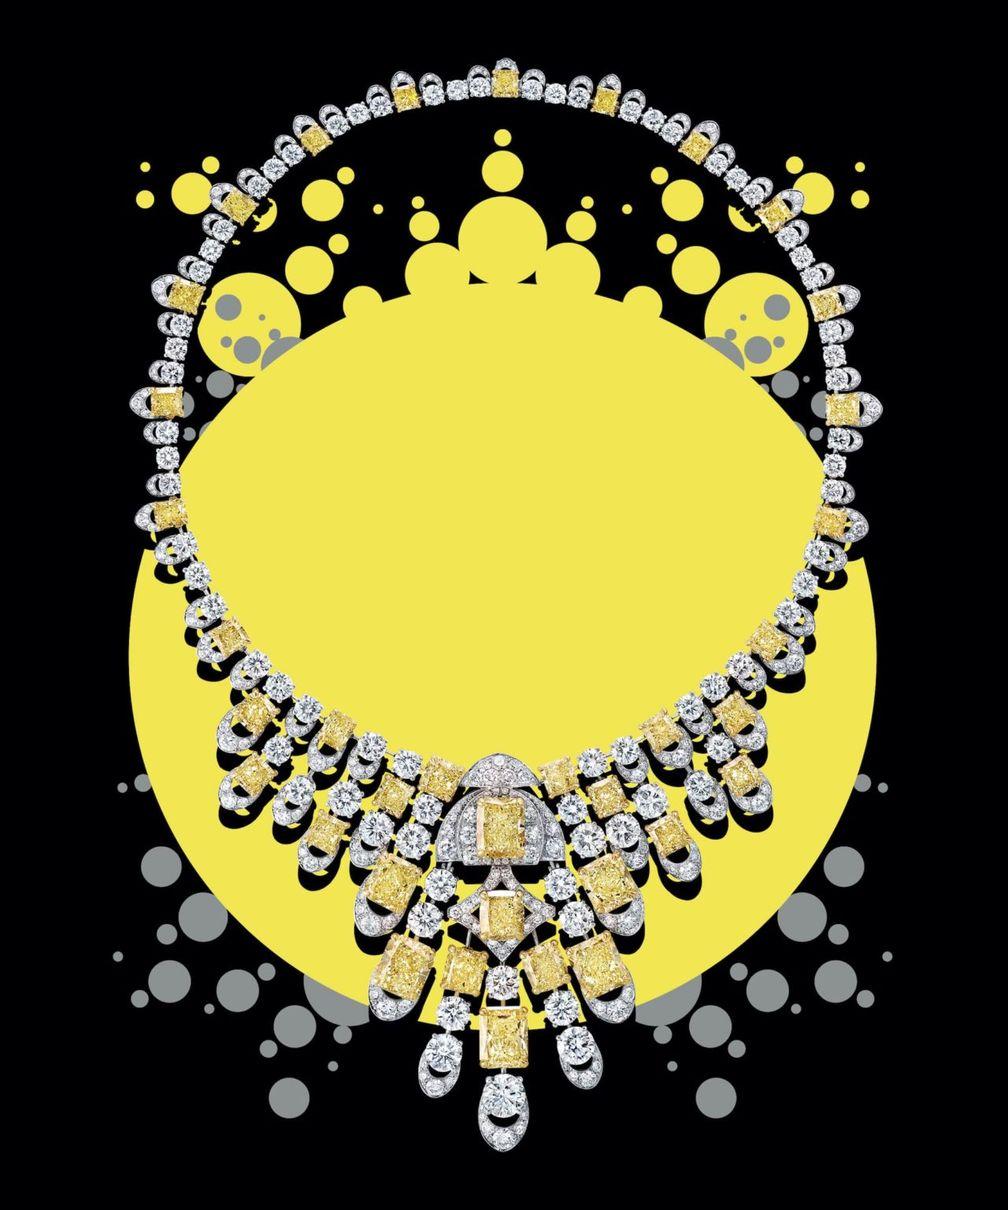 Завораживающие дух желтые драгоценности, вдохновленные Illuminating, одним из цветов Pantone 2021 года